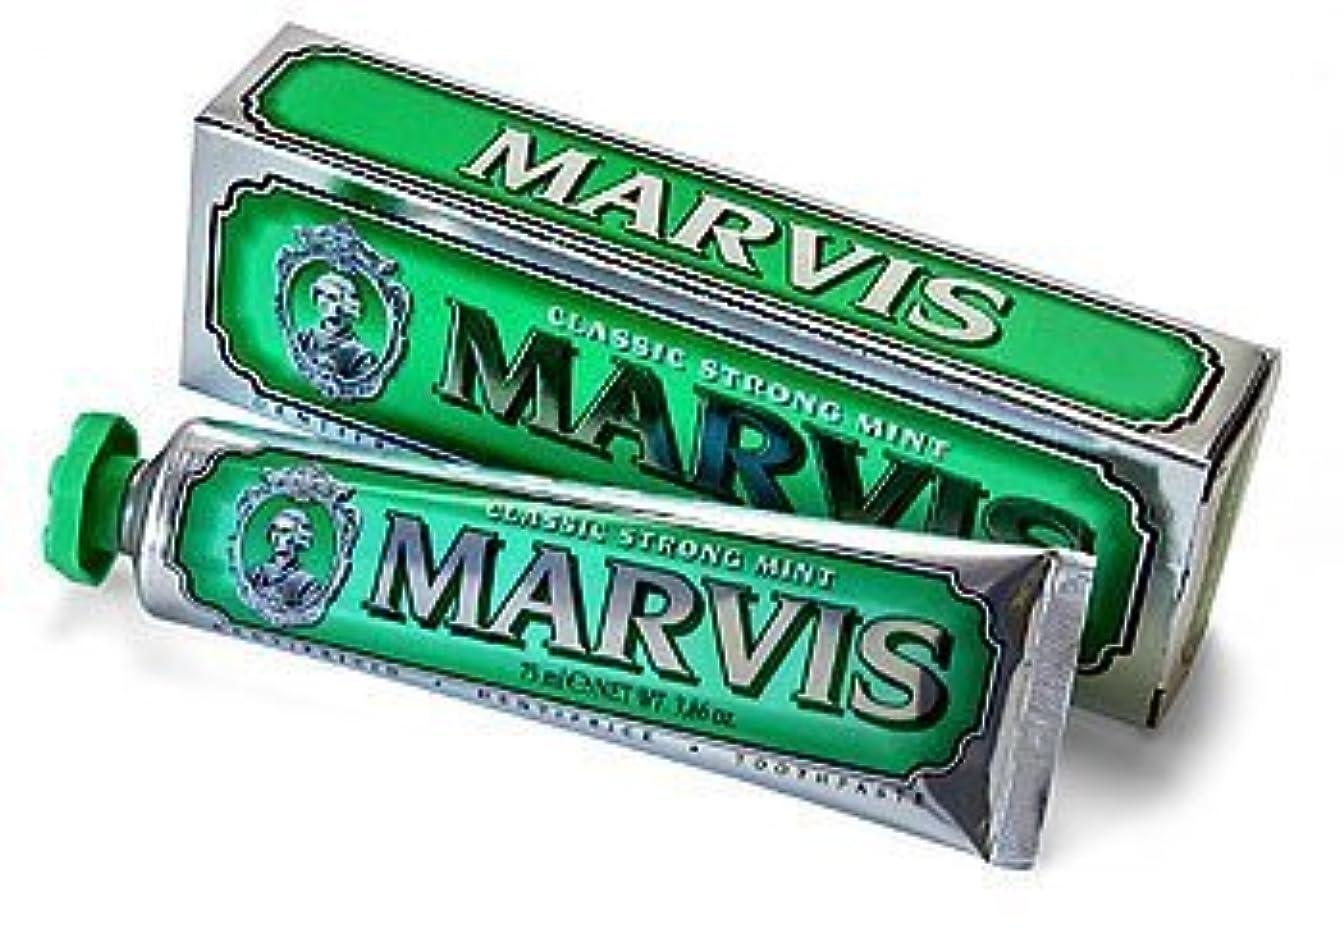 終わりカジュアル矢Marvis Classic Strong Mint Toothpaste - 75ml by Marvis [並行輸入品]